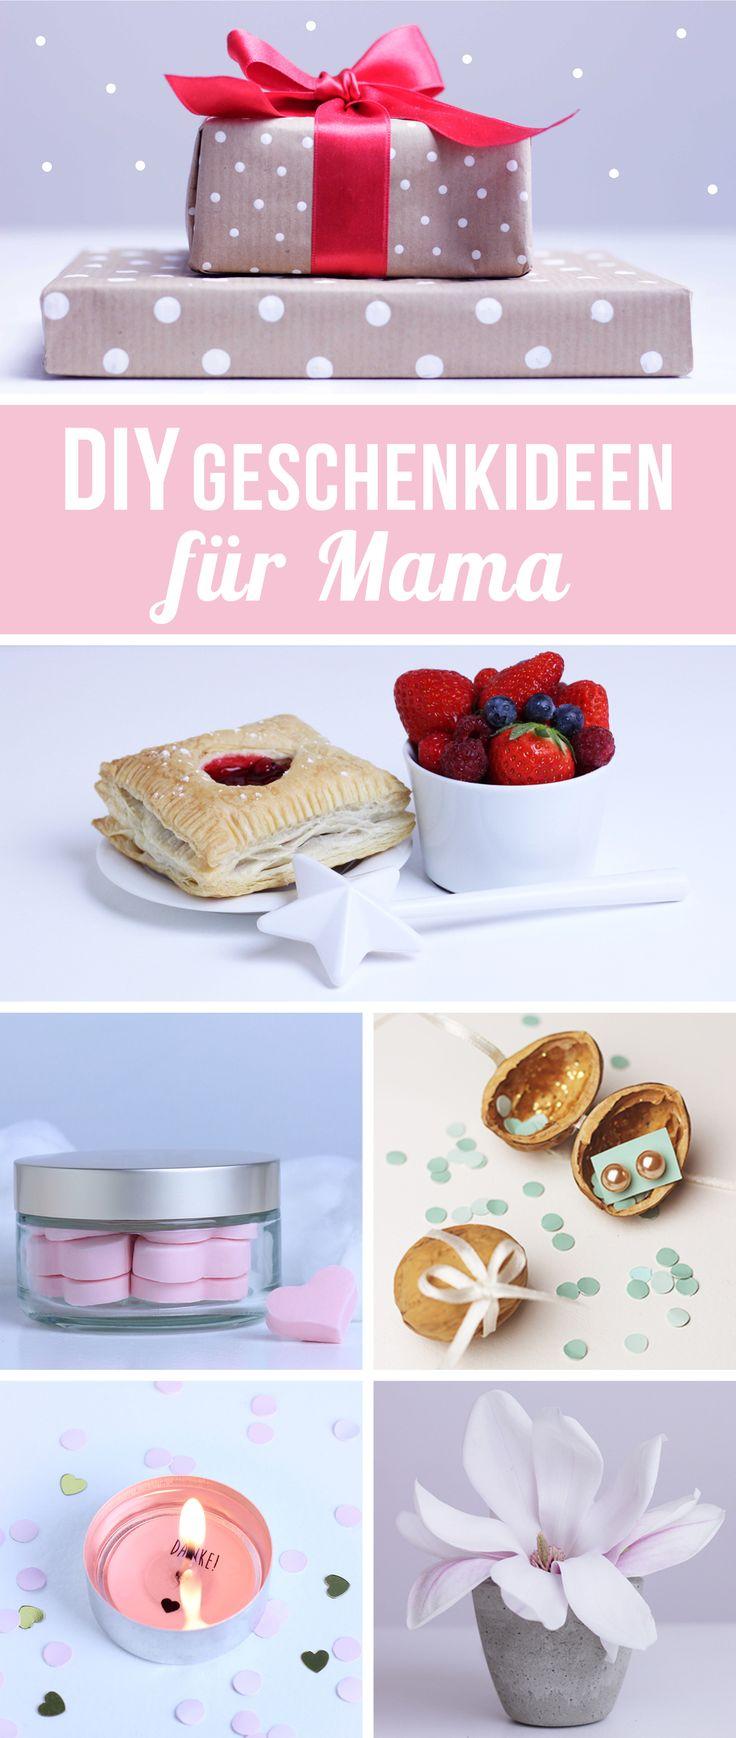 Muttertagsgeschenk basteln - DIY Muttertagsgeschenk - Muttertag Geschenkideen - Muttertagsgeschenke selber machen